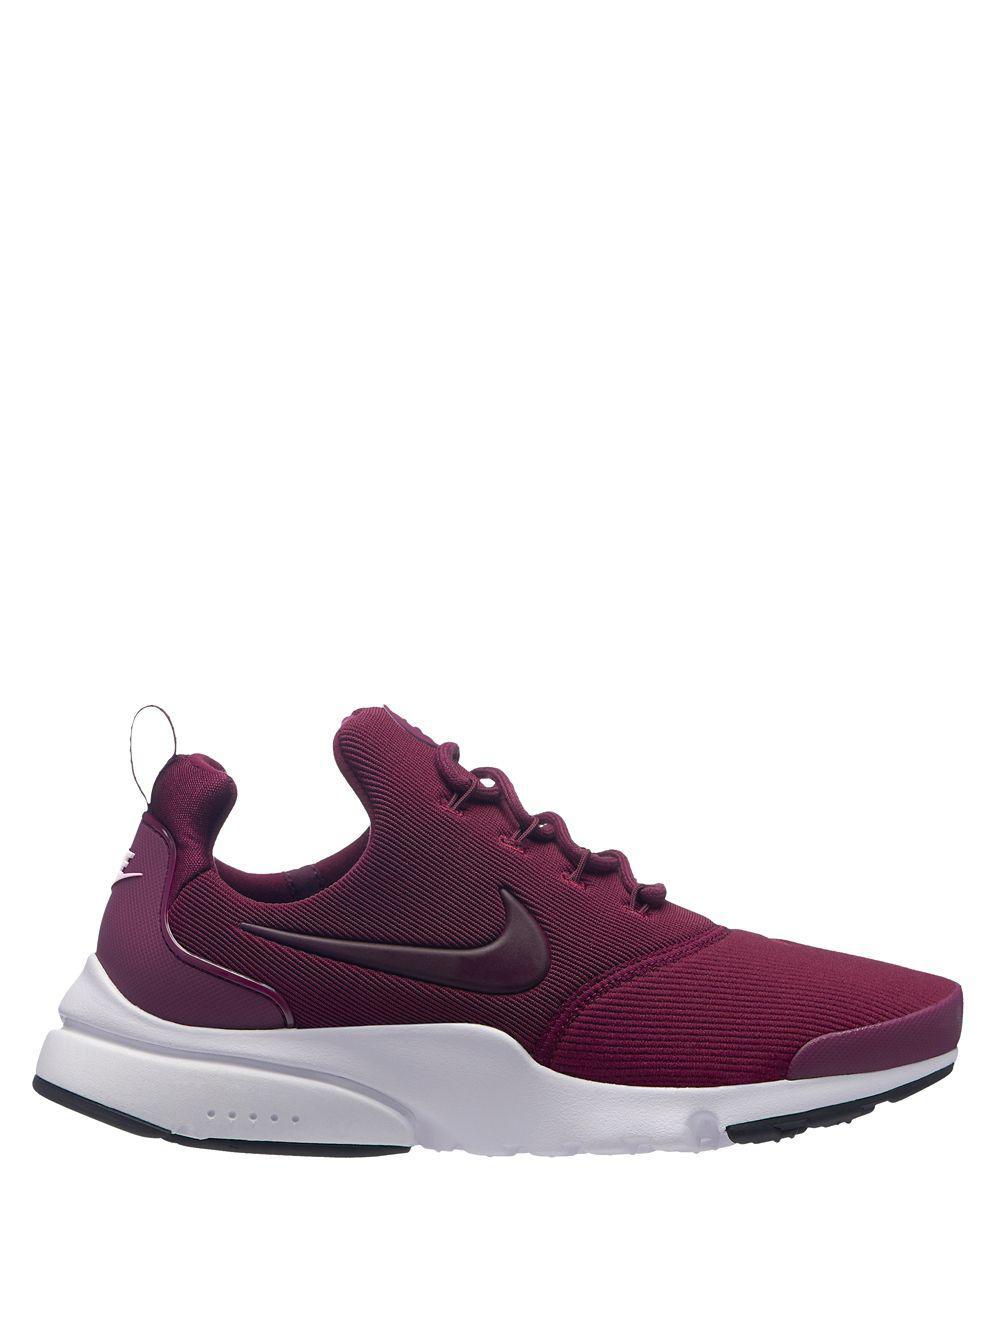 4e3ad0d957d3e Nike Presto Ultra Se Sneakers in Red - Lyst